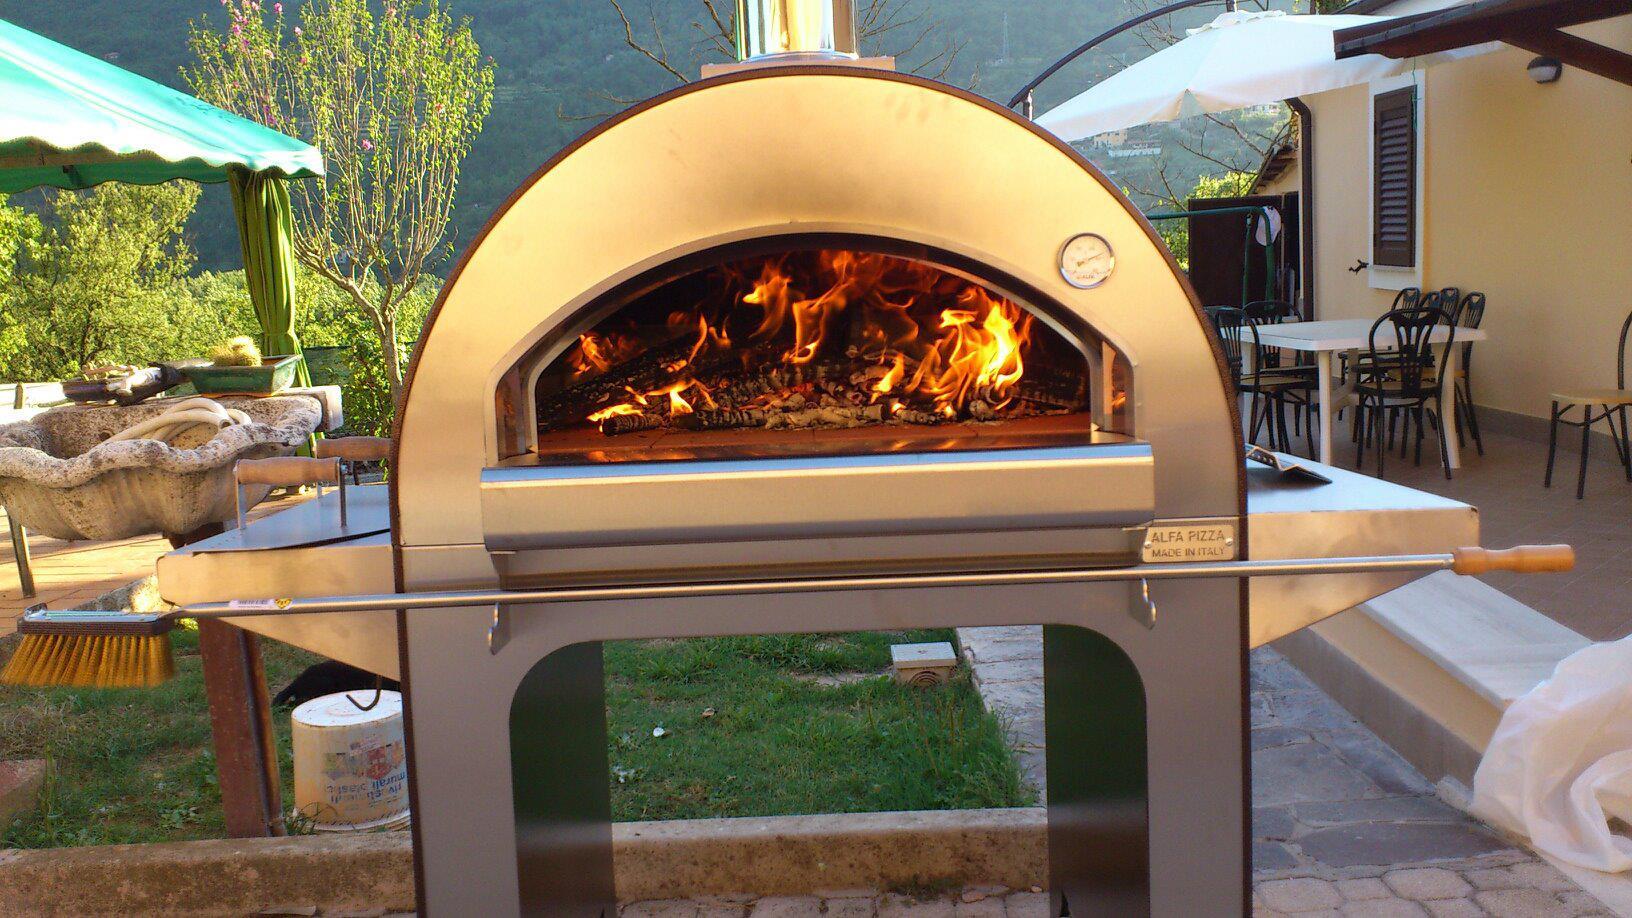 Toccate con mano i forni alfapizza vivalafocaccia - Forni casalinghi per pizza ...